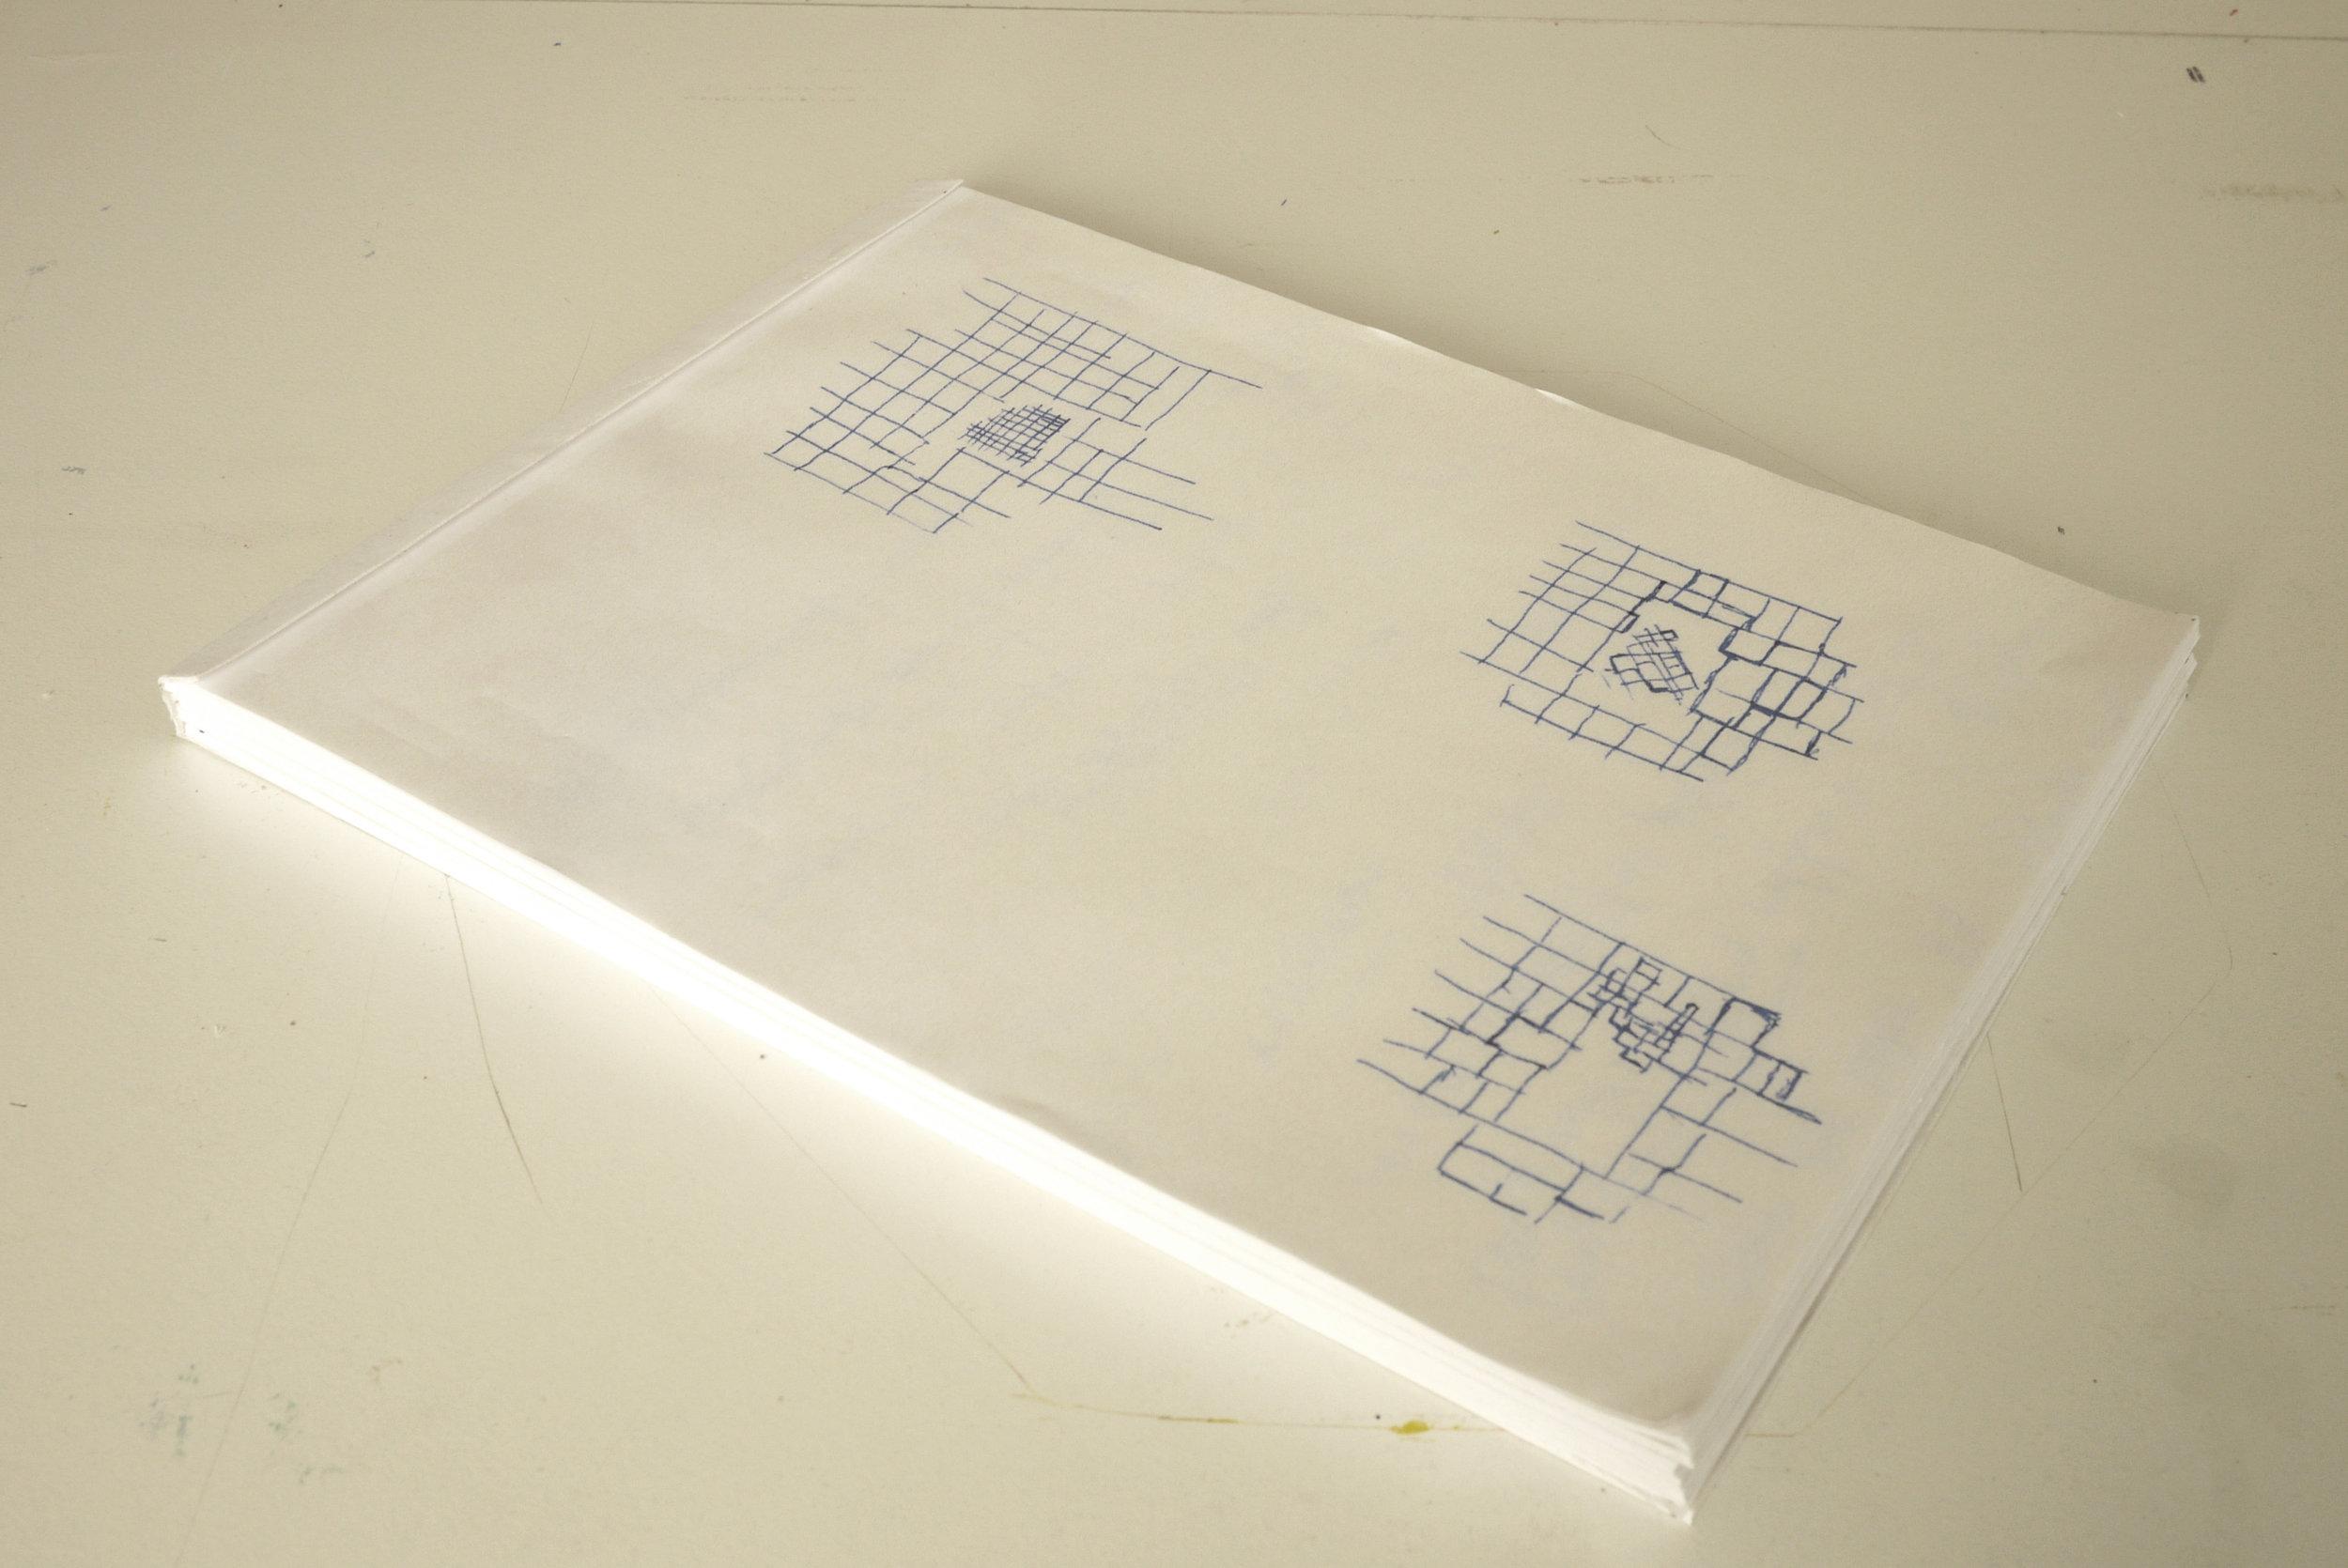 ´Your turn-sketch blocks´. Eygló Harðardóttir